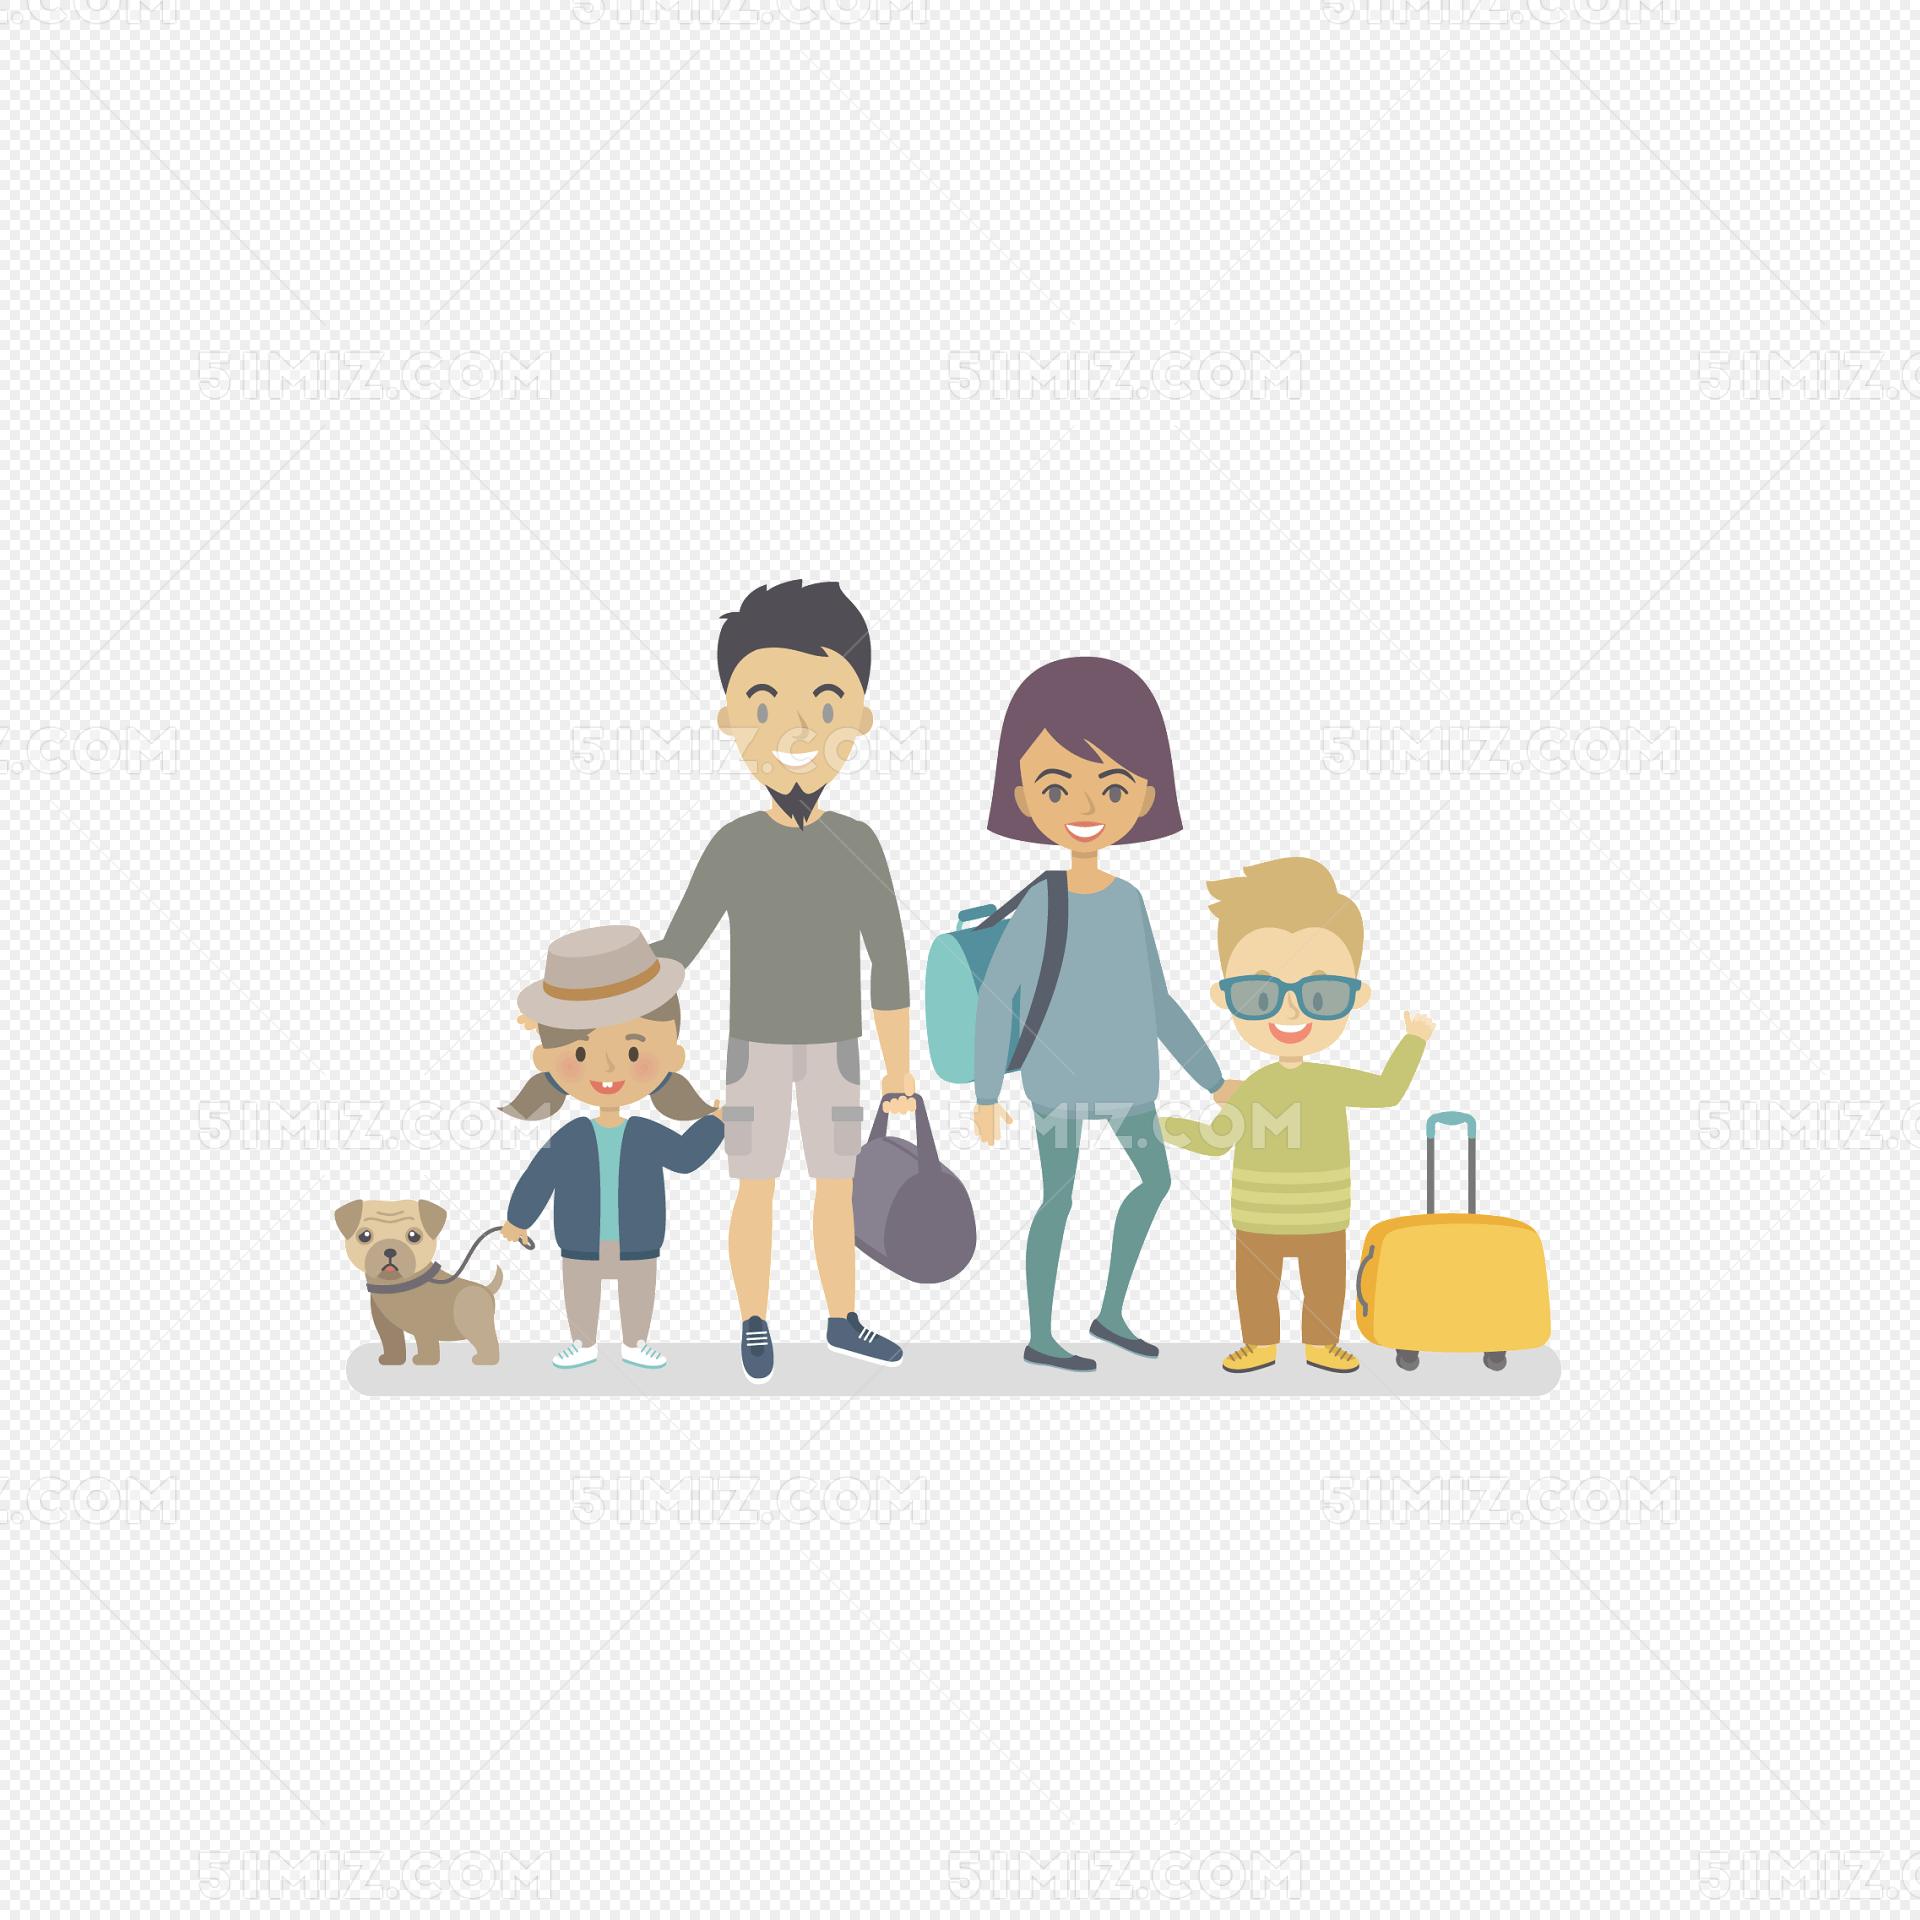 亲子游卡通手绘插画标签:亲子游卡通手绘插画免费下载 旅游 家庭 亲子